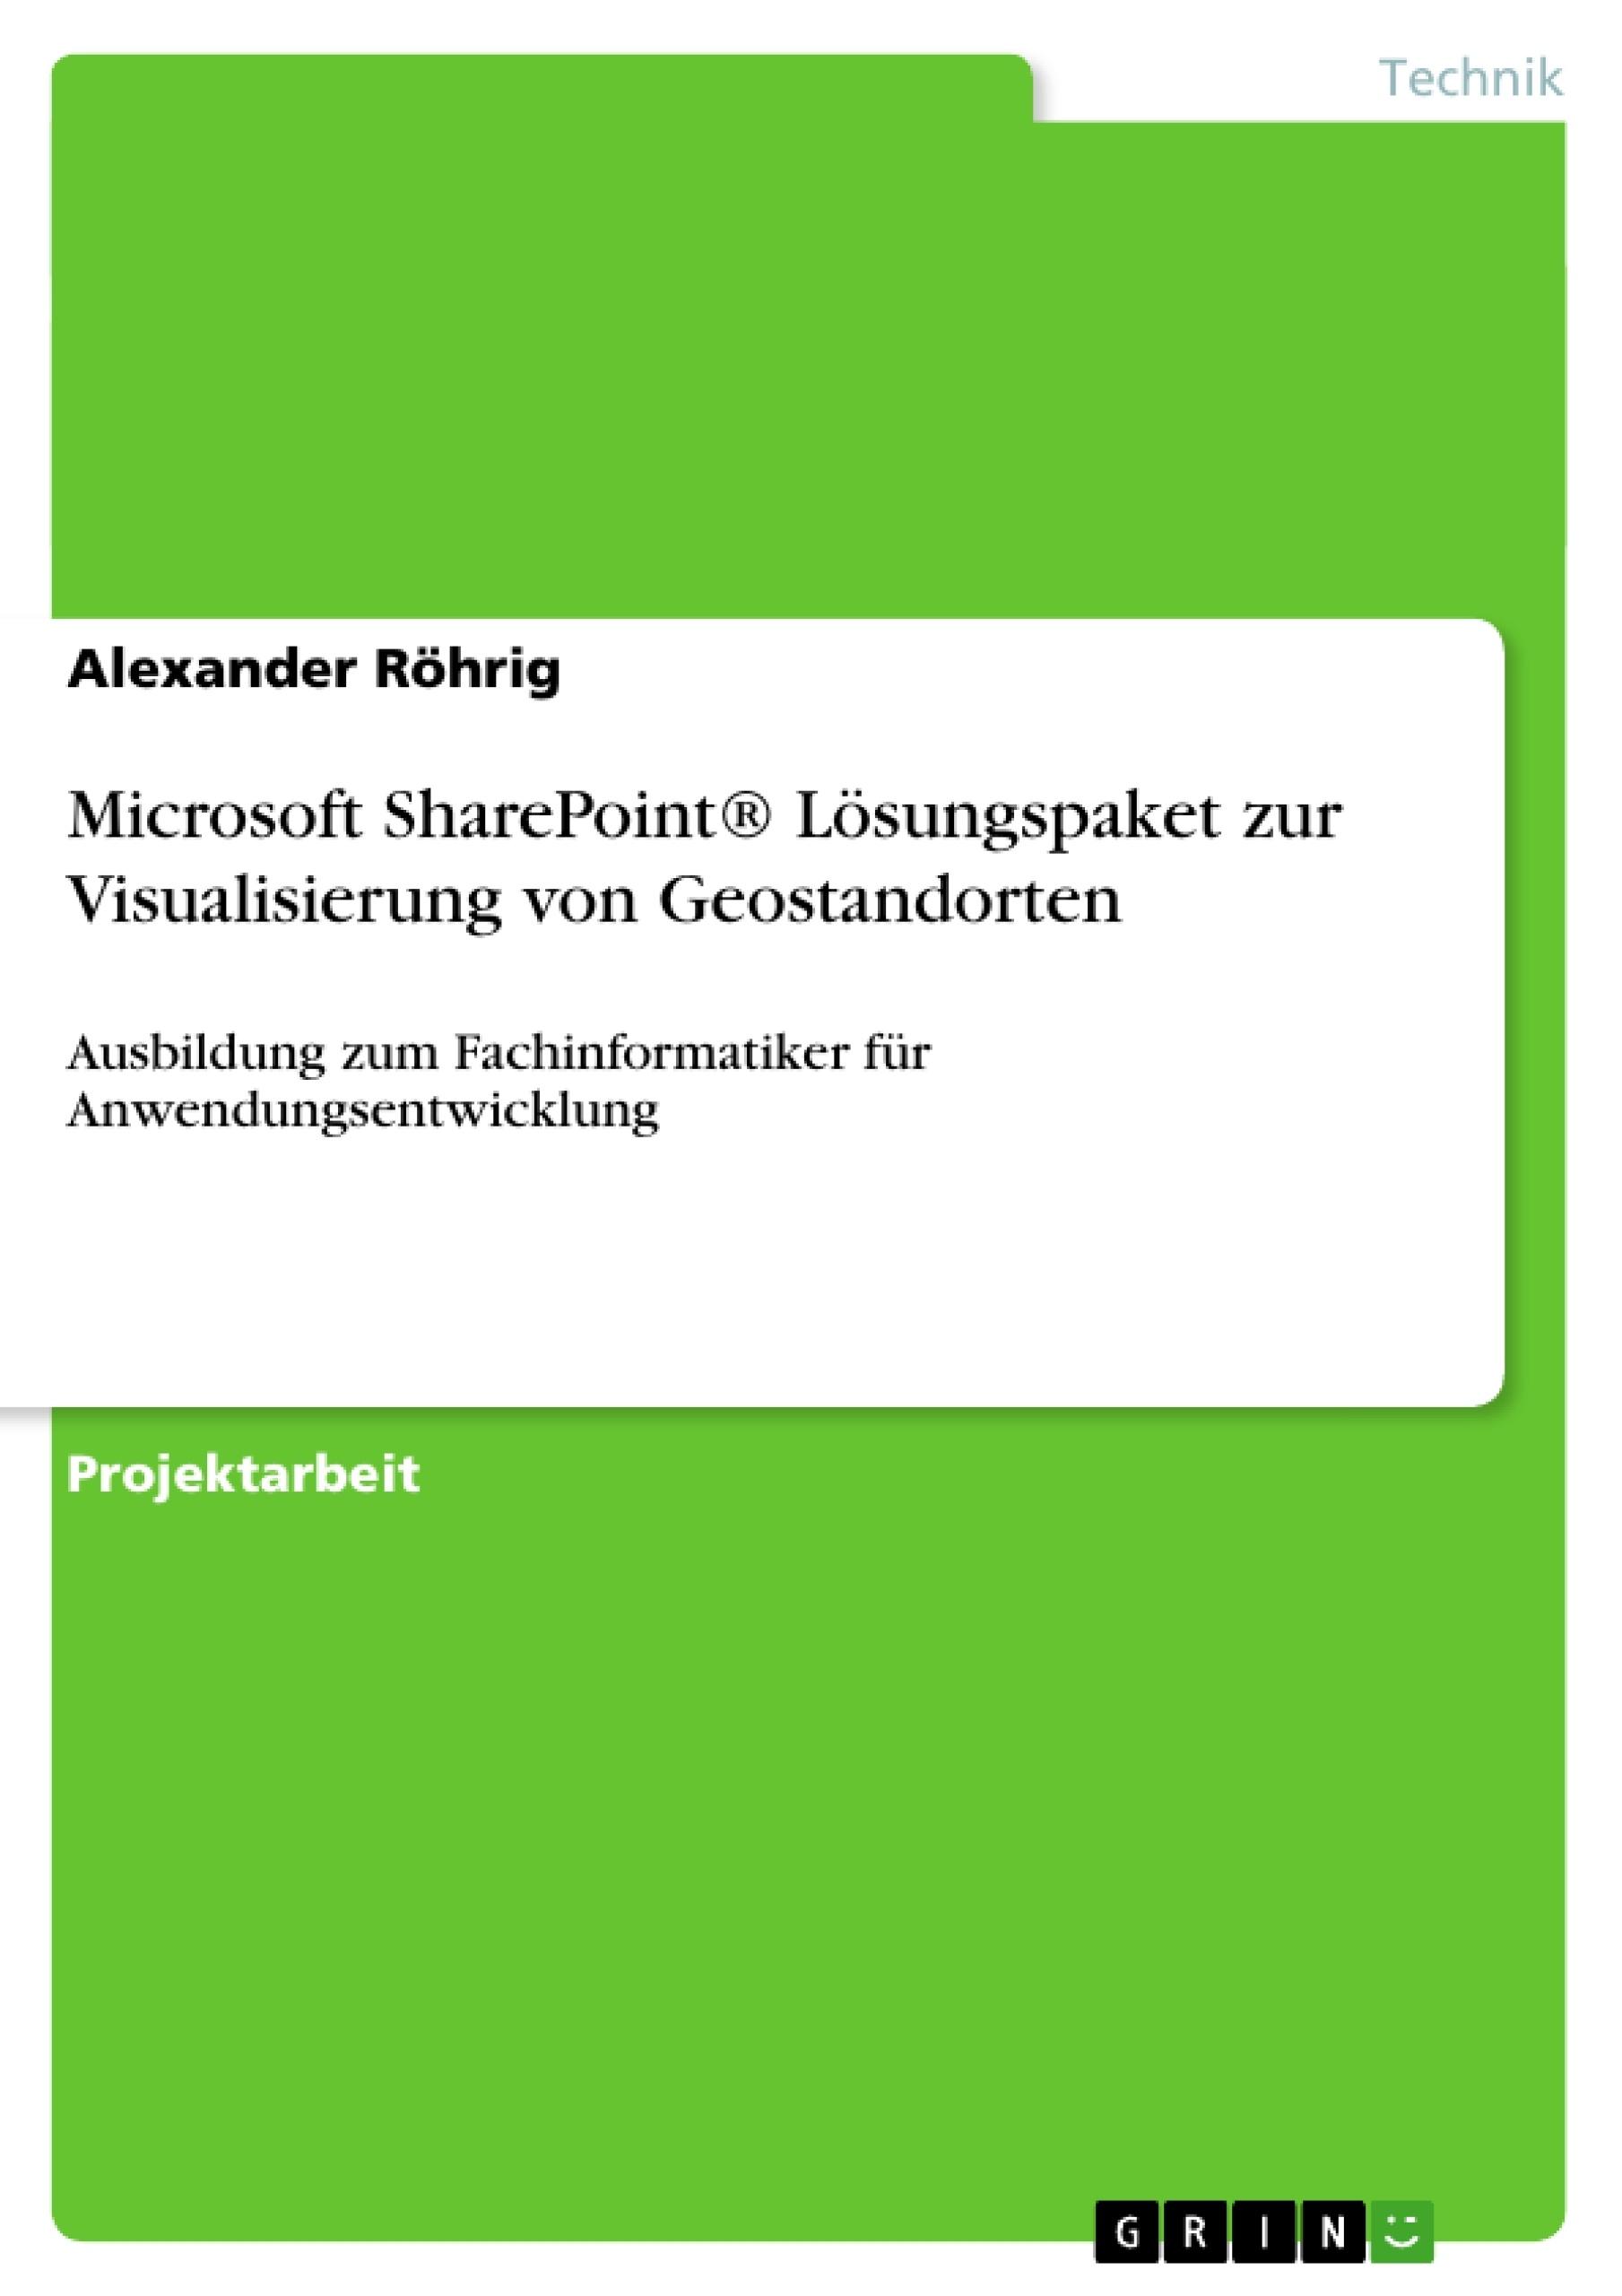 Titel: Microsoft SharePoint® Lösungspaket zur Visualisierung von Geostandorten